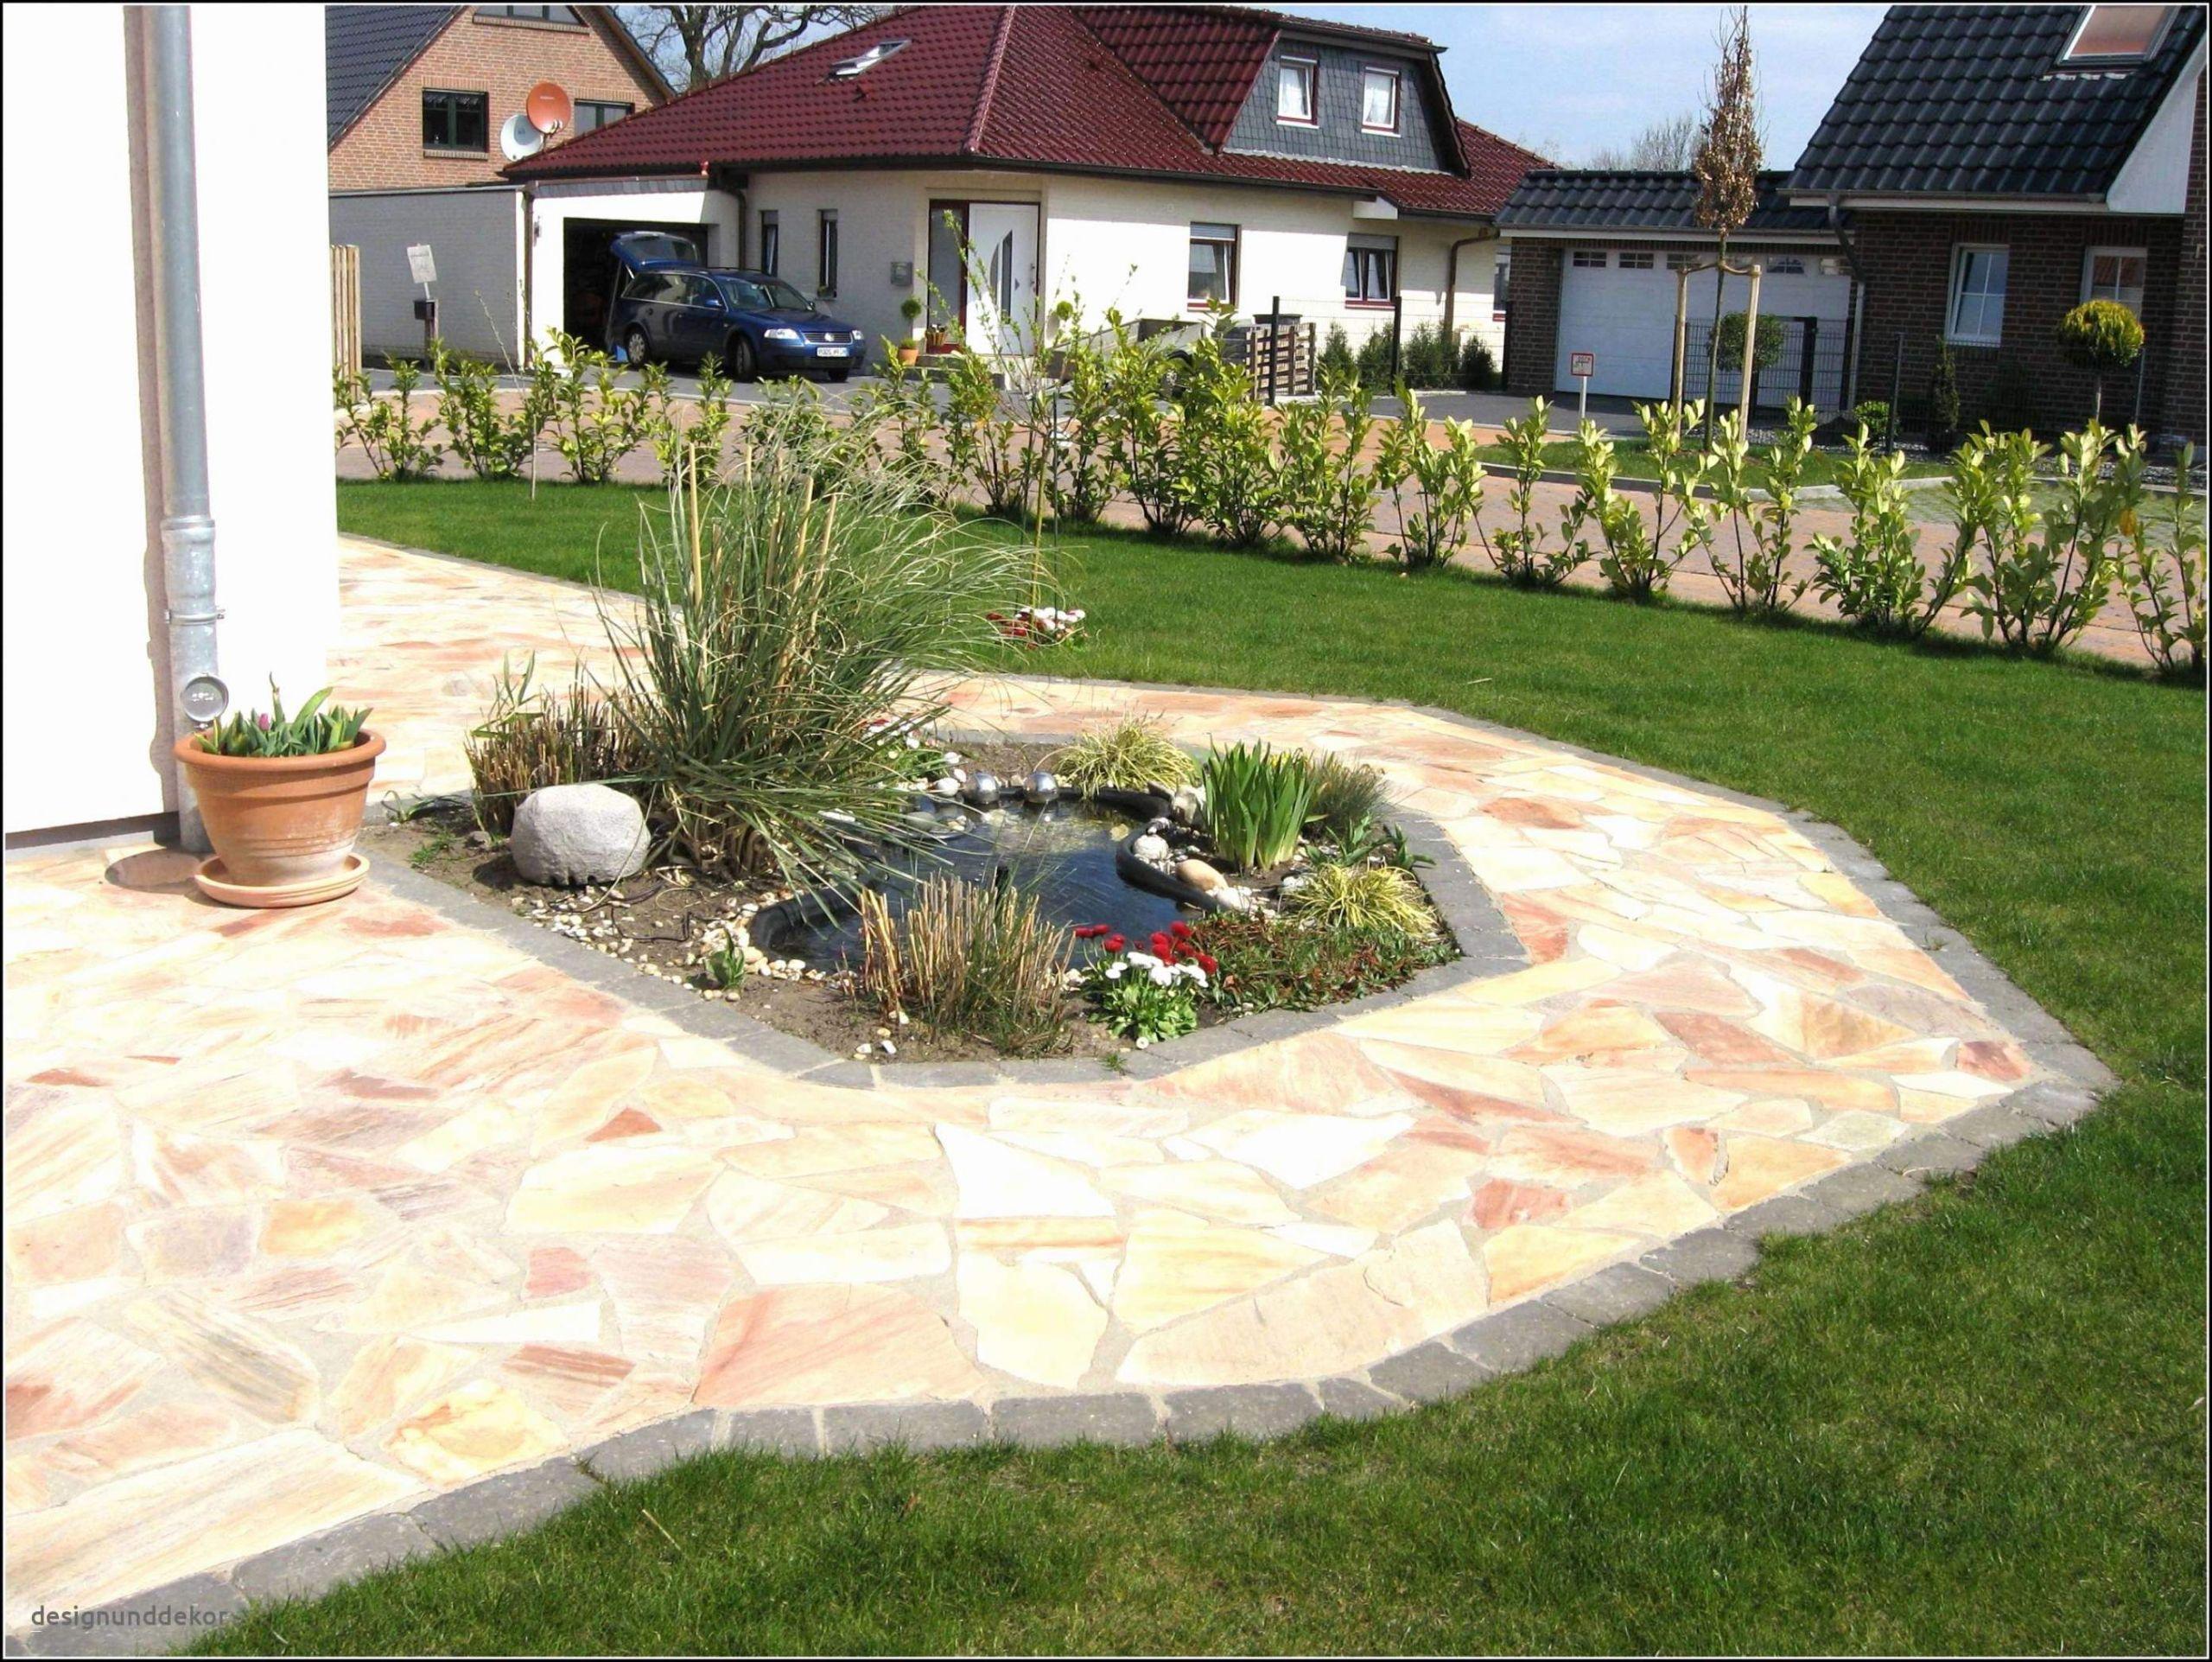 Gartengestaltung Ohne Rasen Frisch 31 Inspirierend Garten Beispiele Reizend